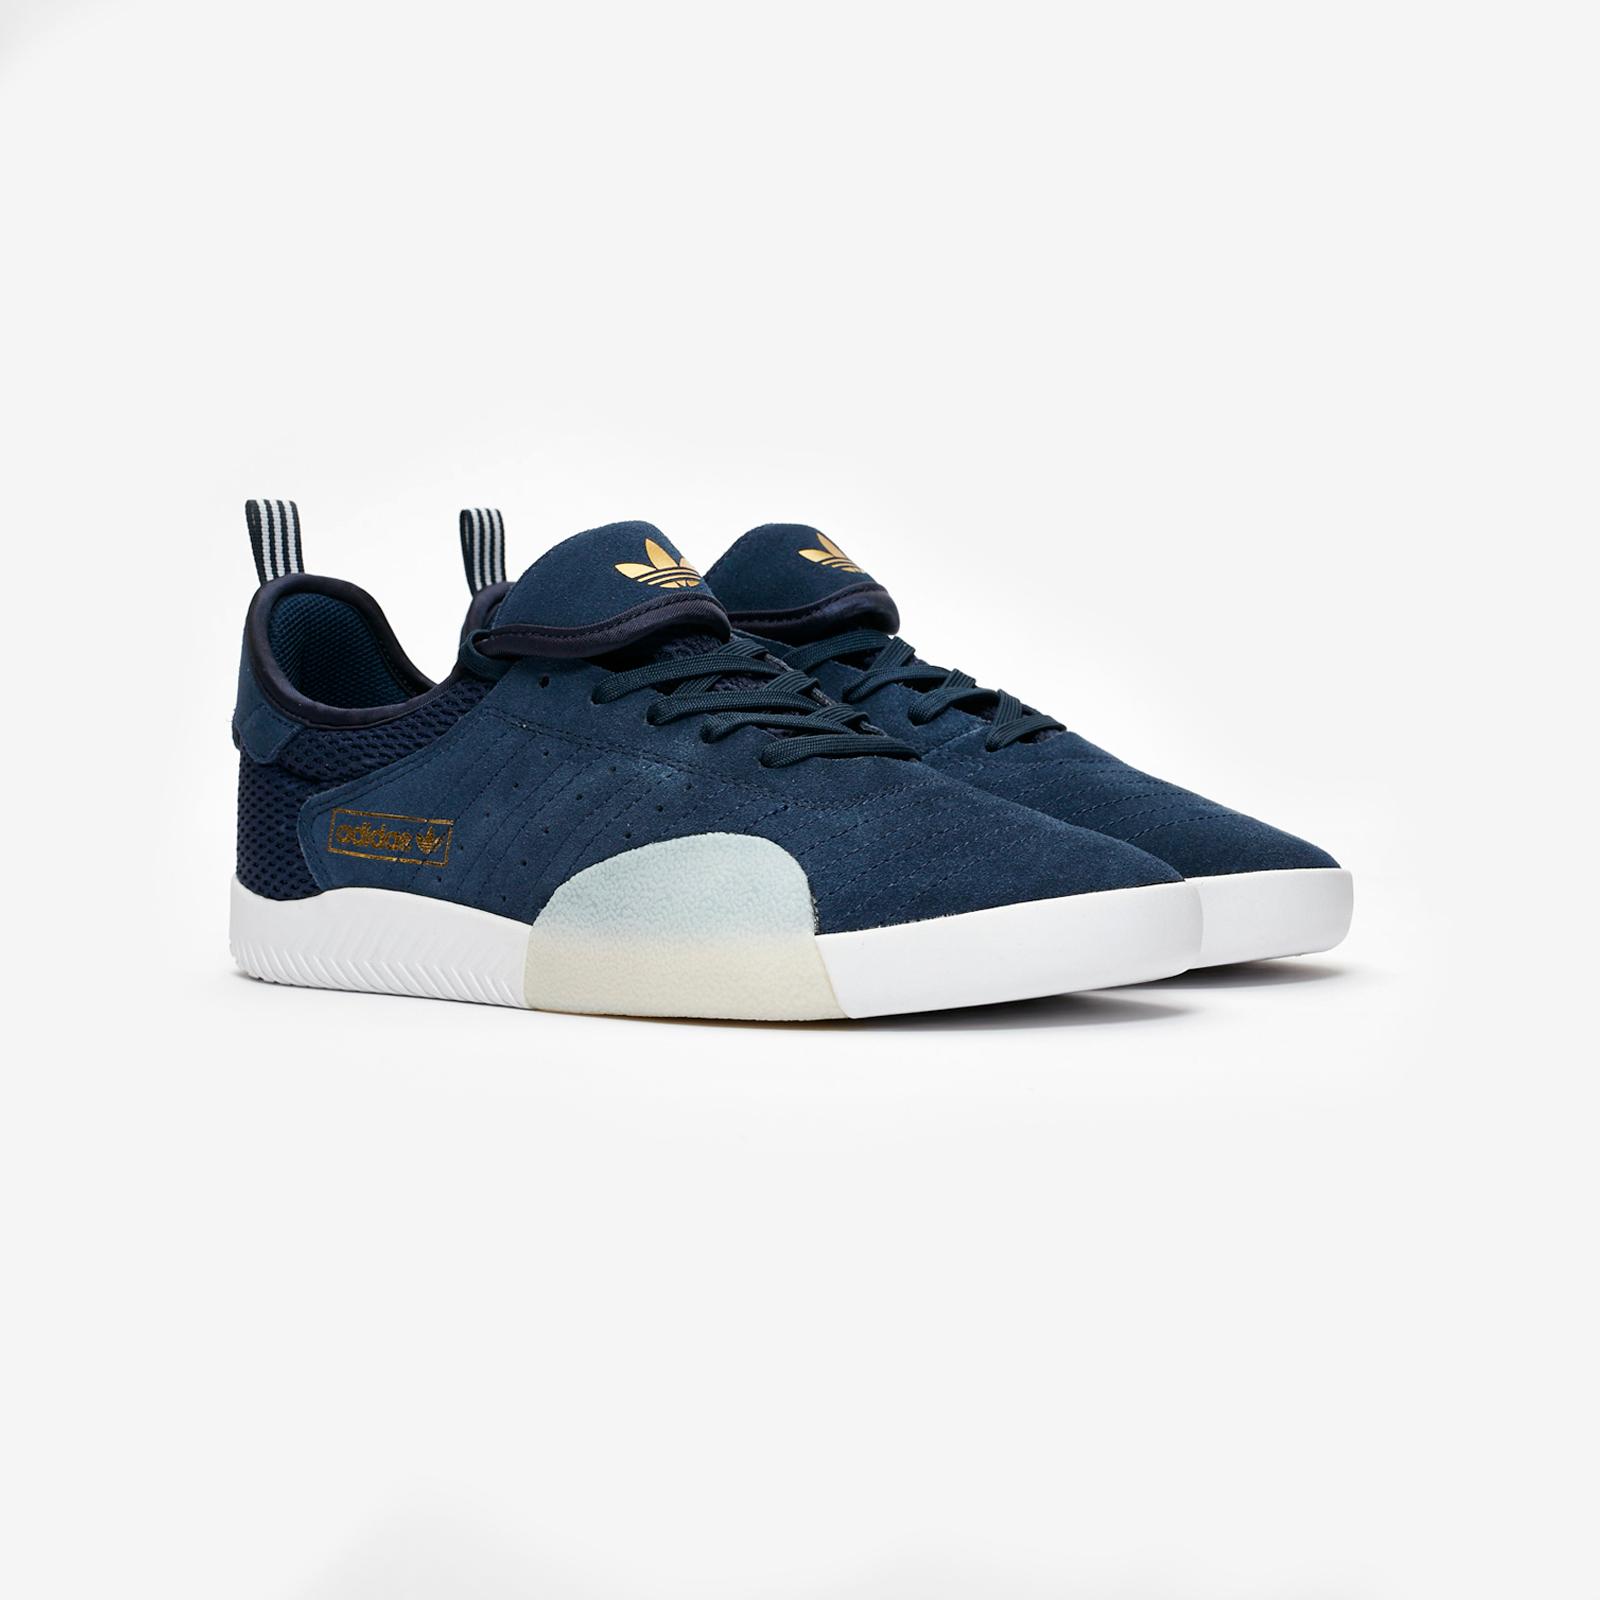 adidas 3ST.003 - Db3165 - Sneakersnstuff   sneakers & streetwear ...